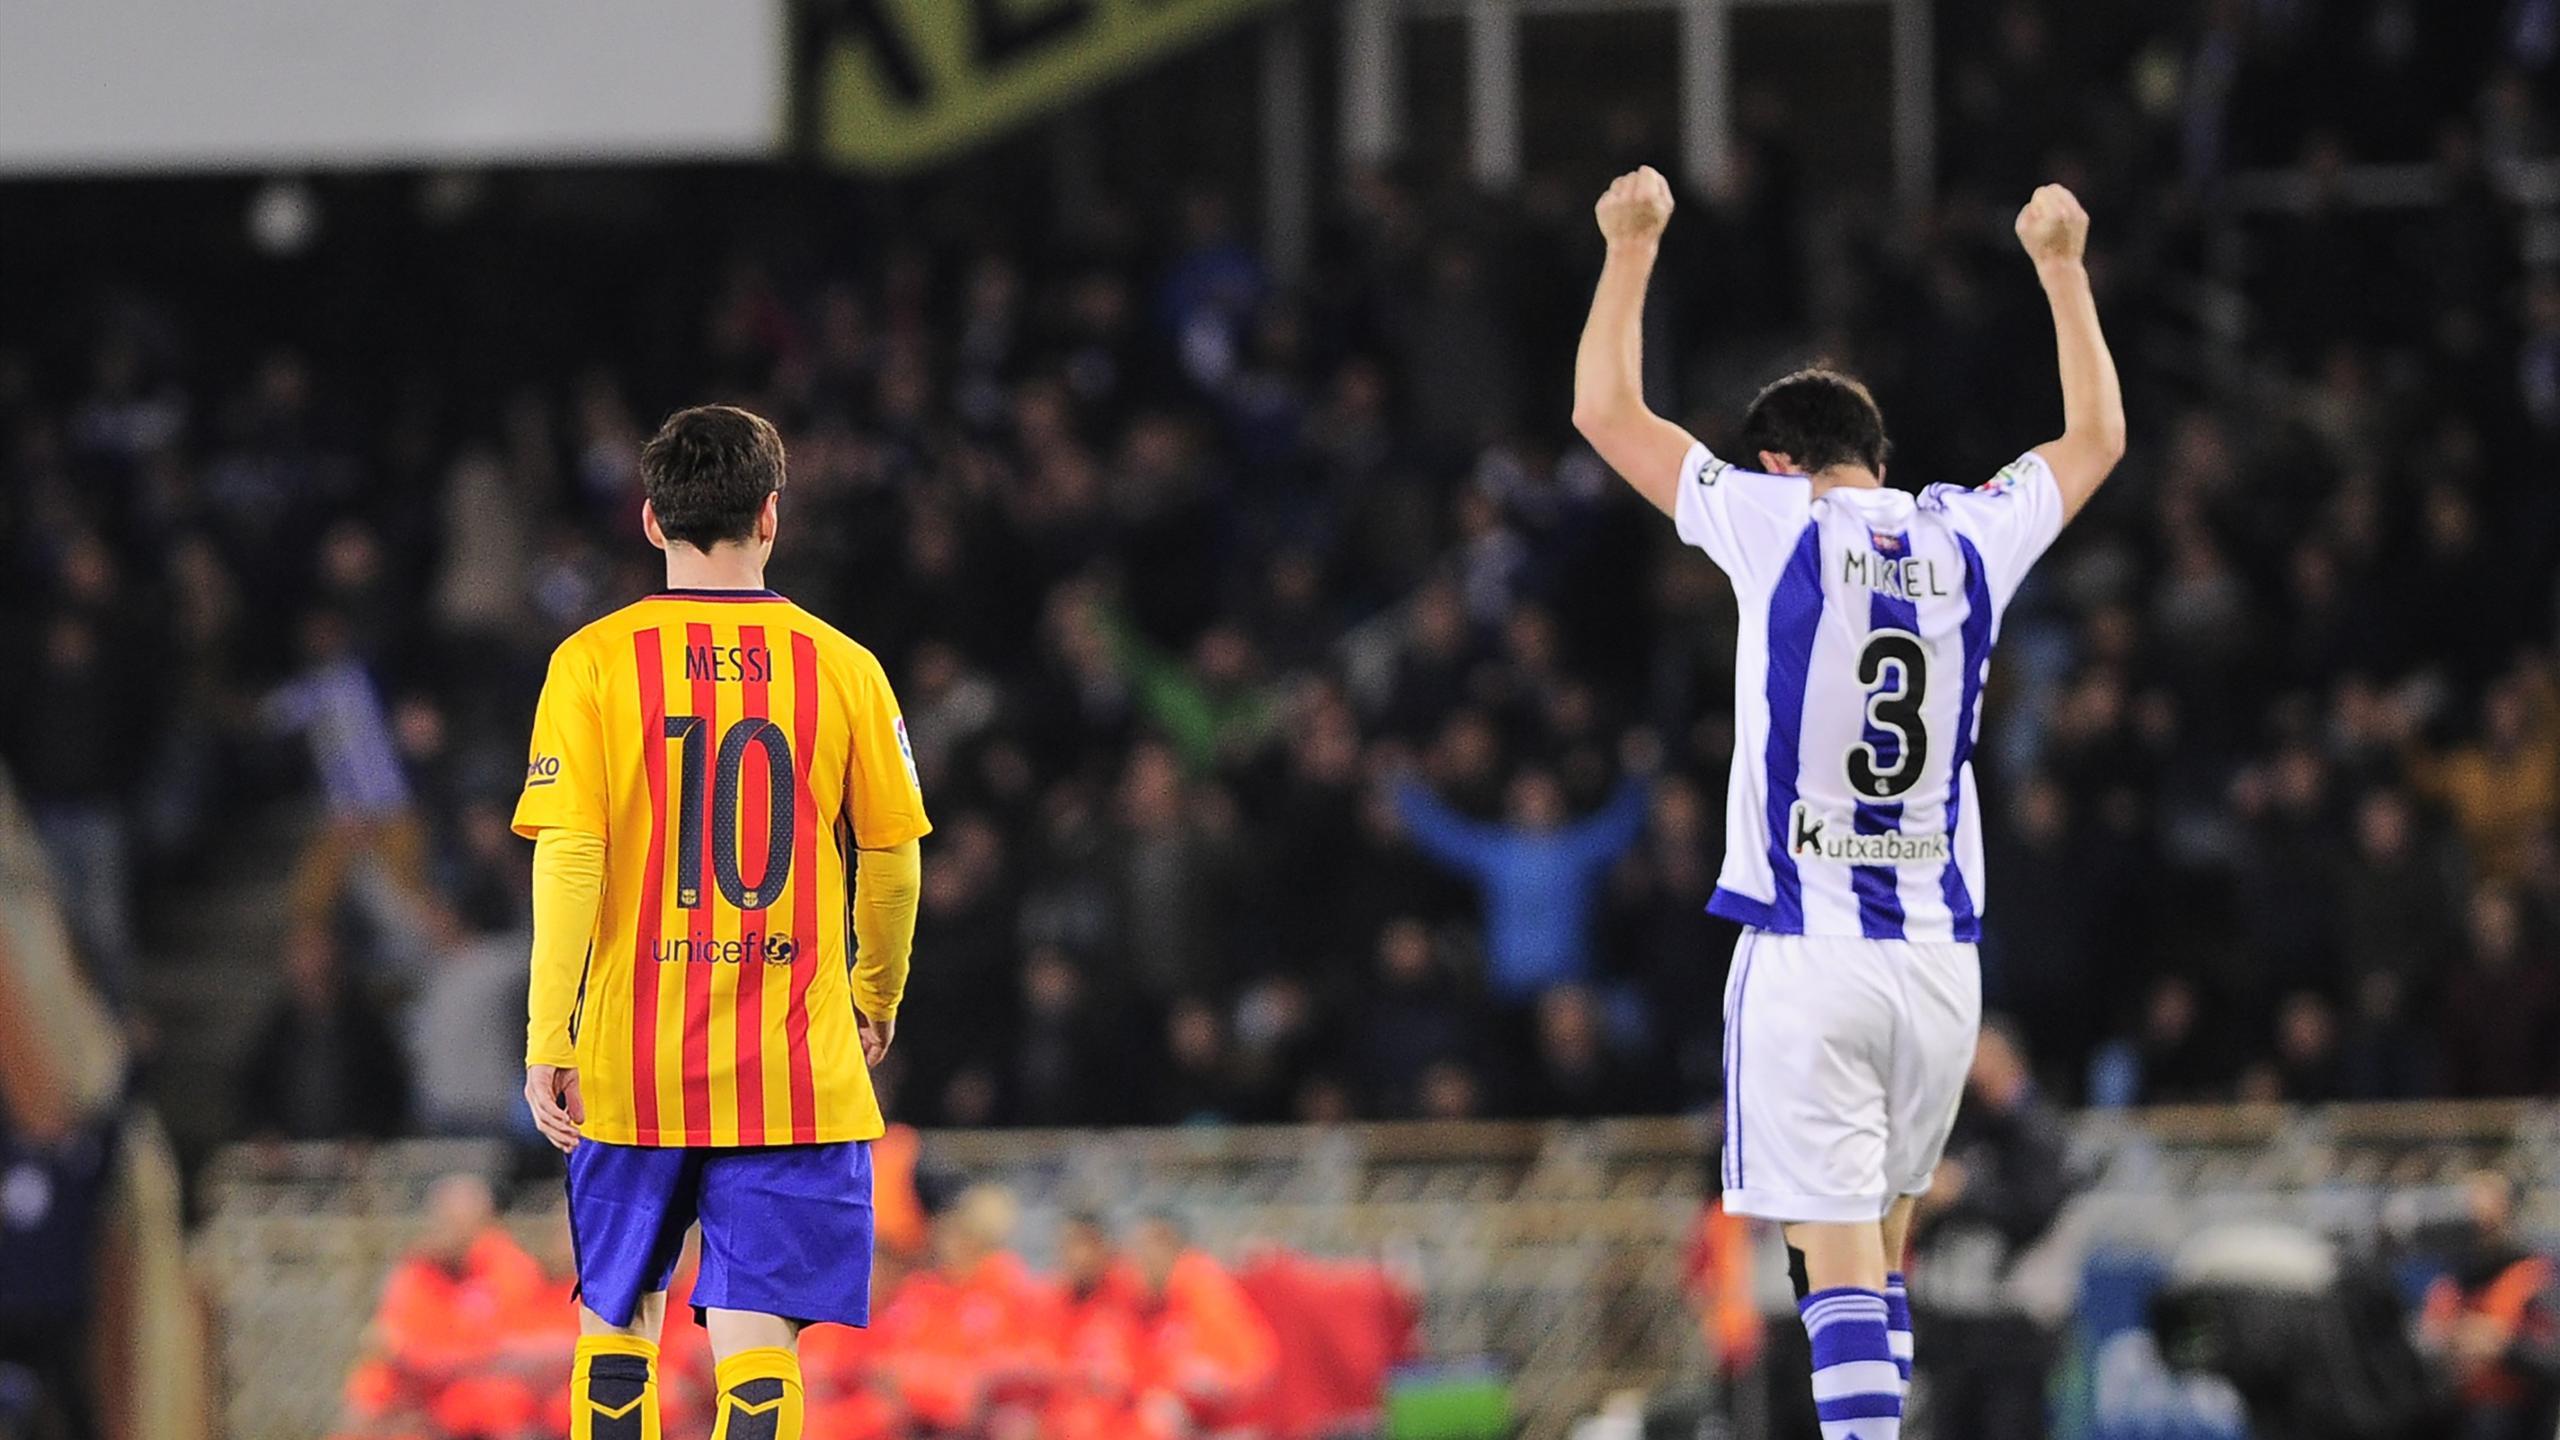 Mikel Gonzalez (Real Sociedad) jubile, Lionel Messi et le Barça font grise mine lors du match Real Sociedad - FC Barcelone le 9 avril 2016